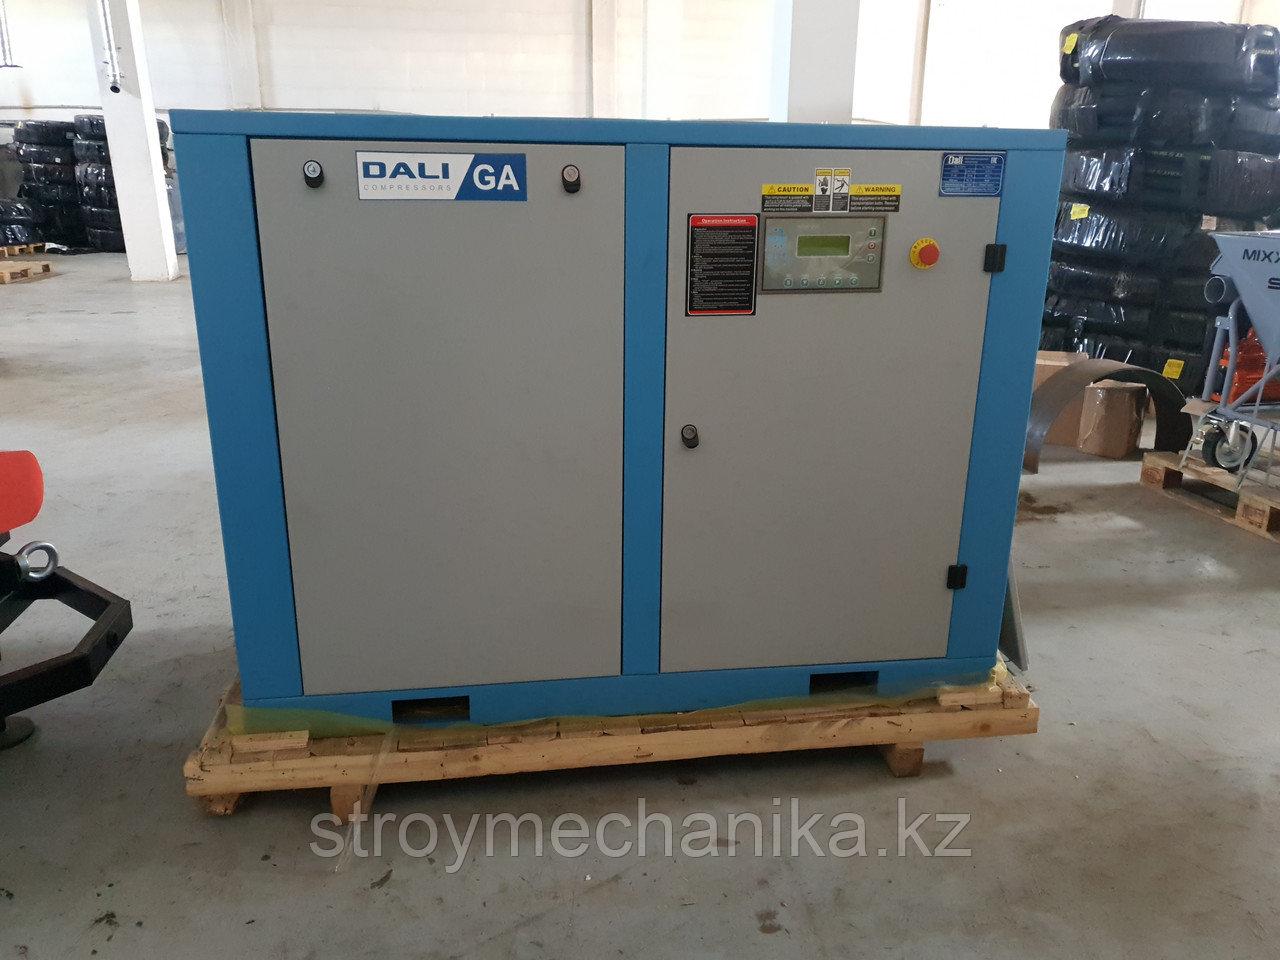 Винтовой компрессор (компрессорная установка) 6 м3/мин Dali DL-6.0/8GA